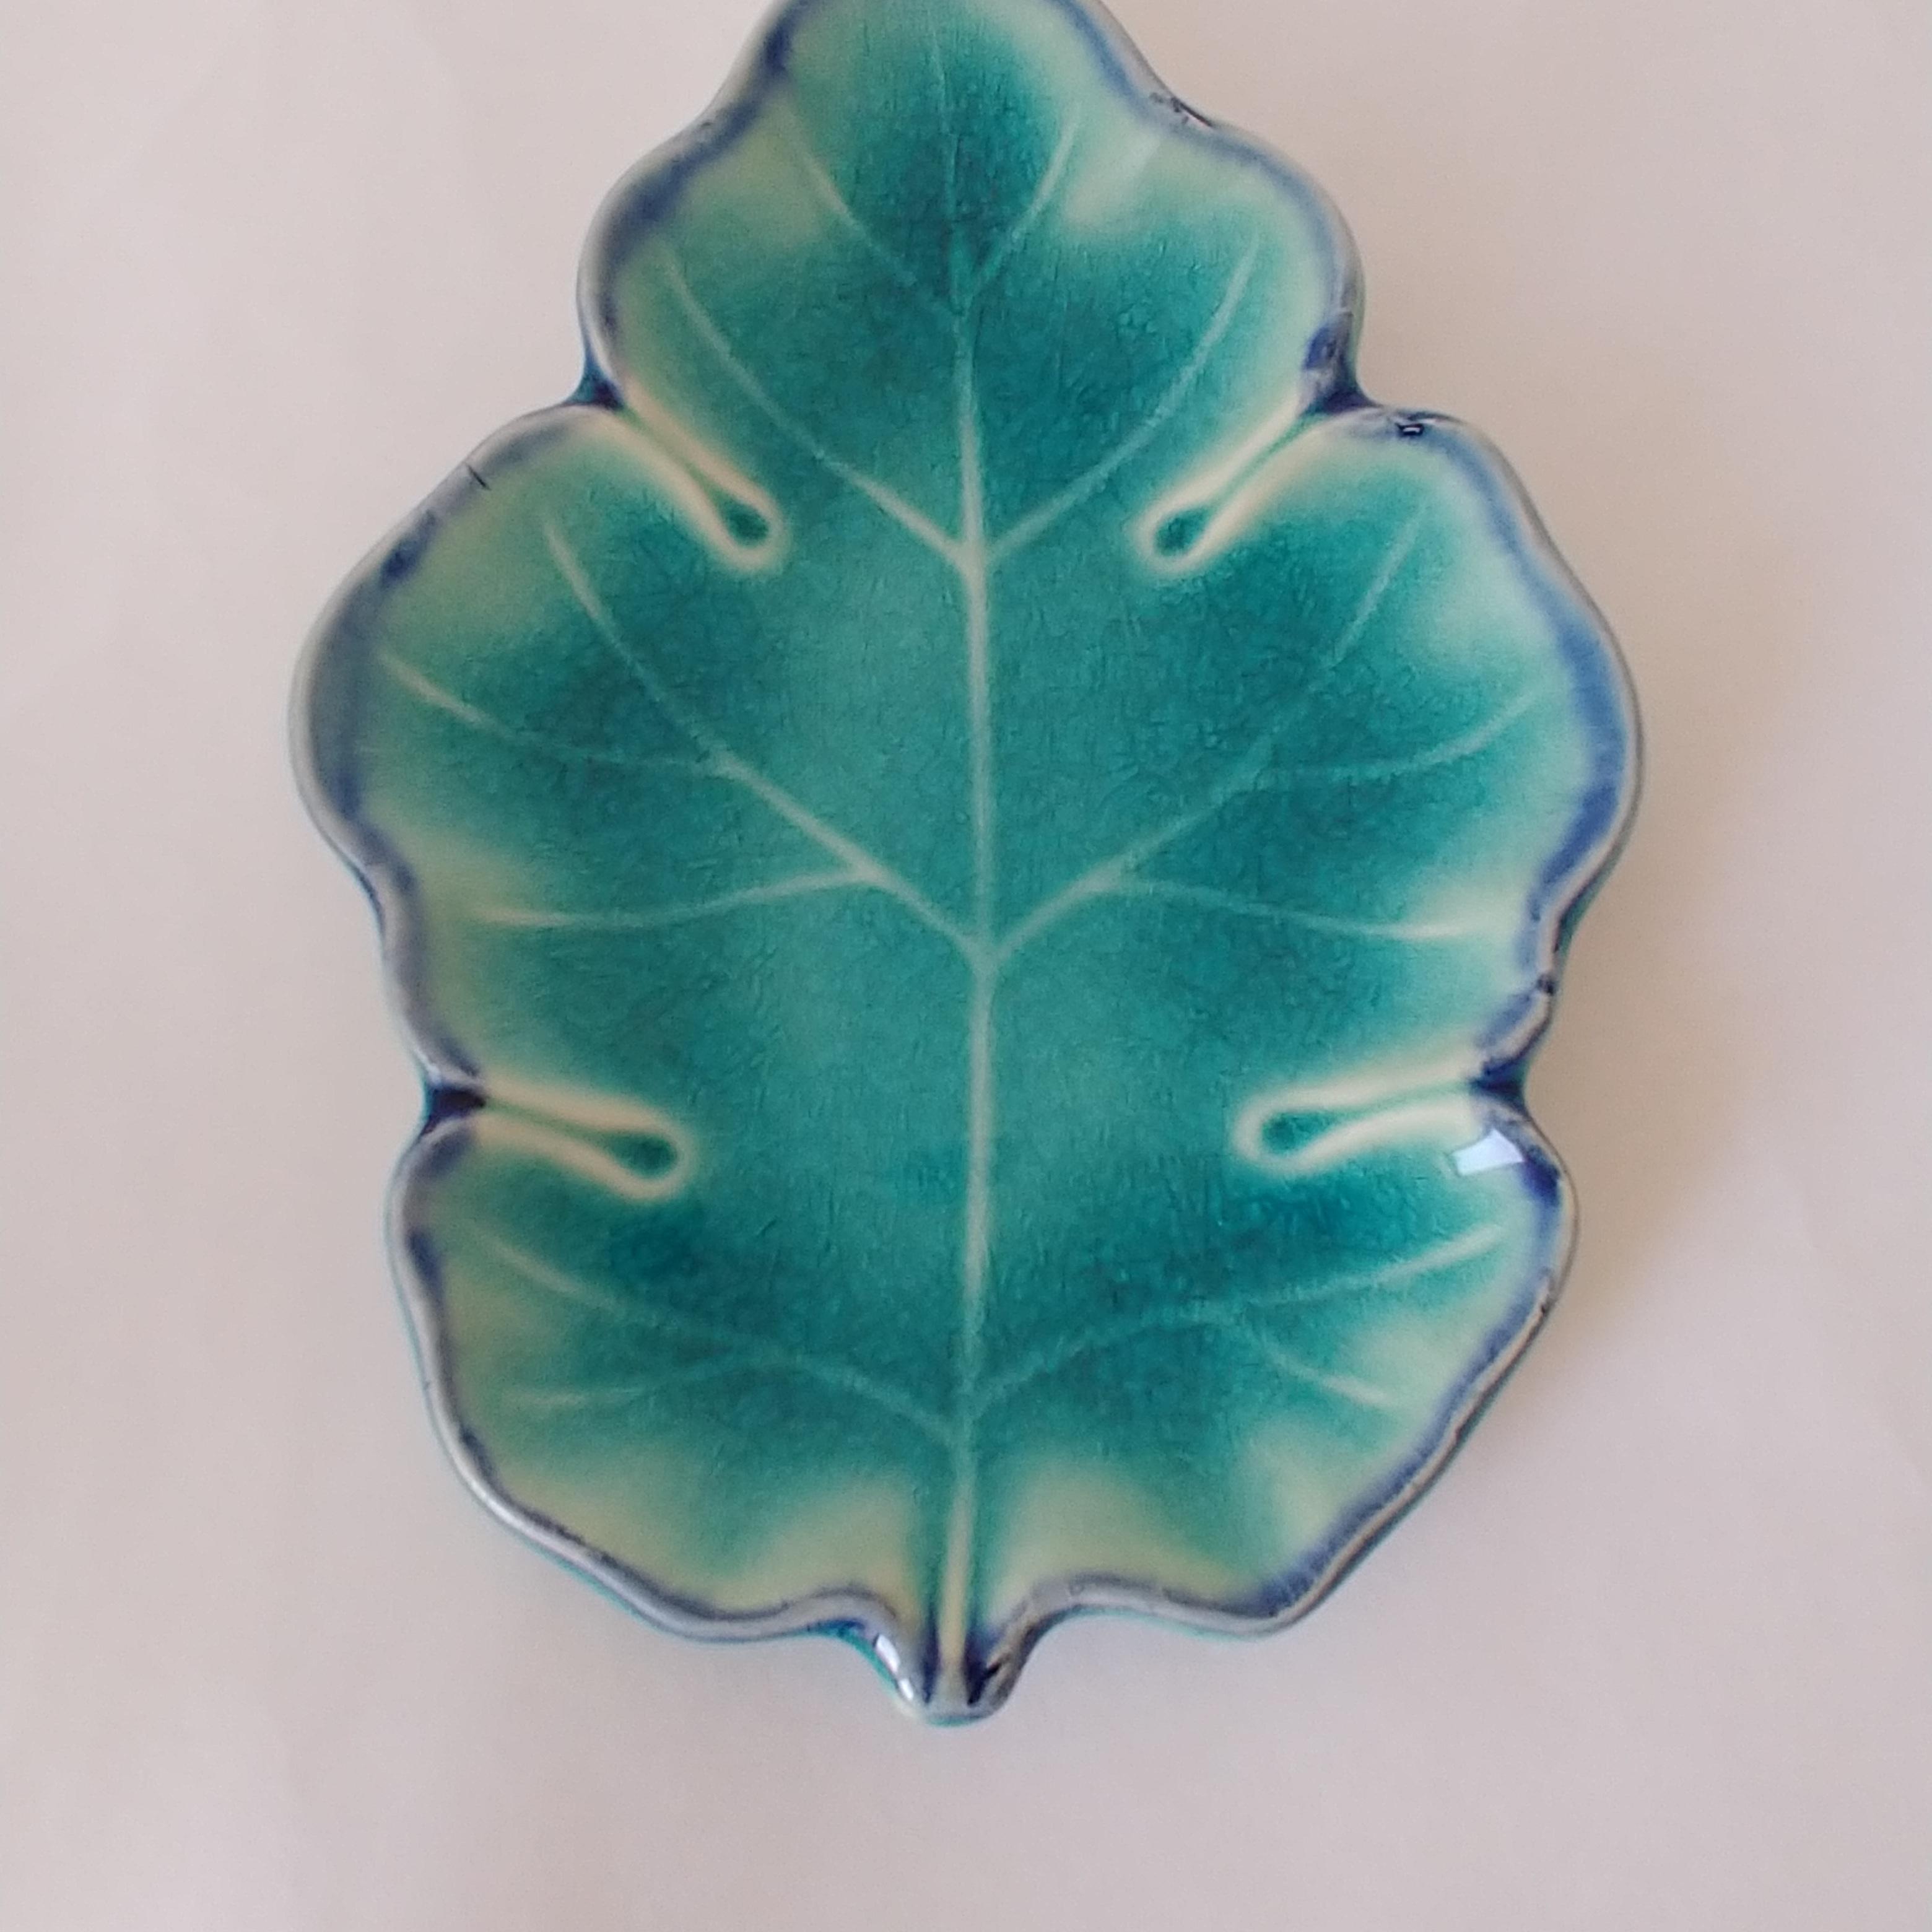 妙にリアルな葉っぱの小皿